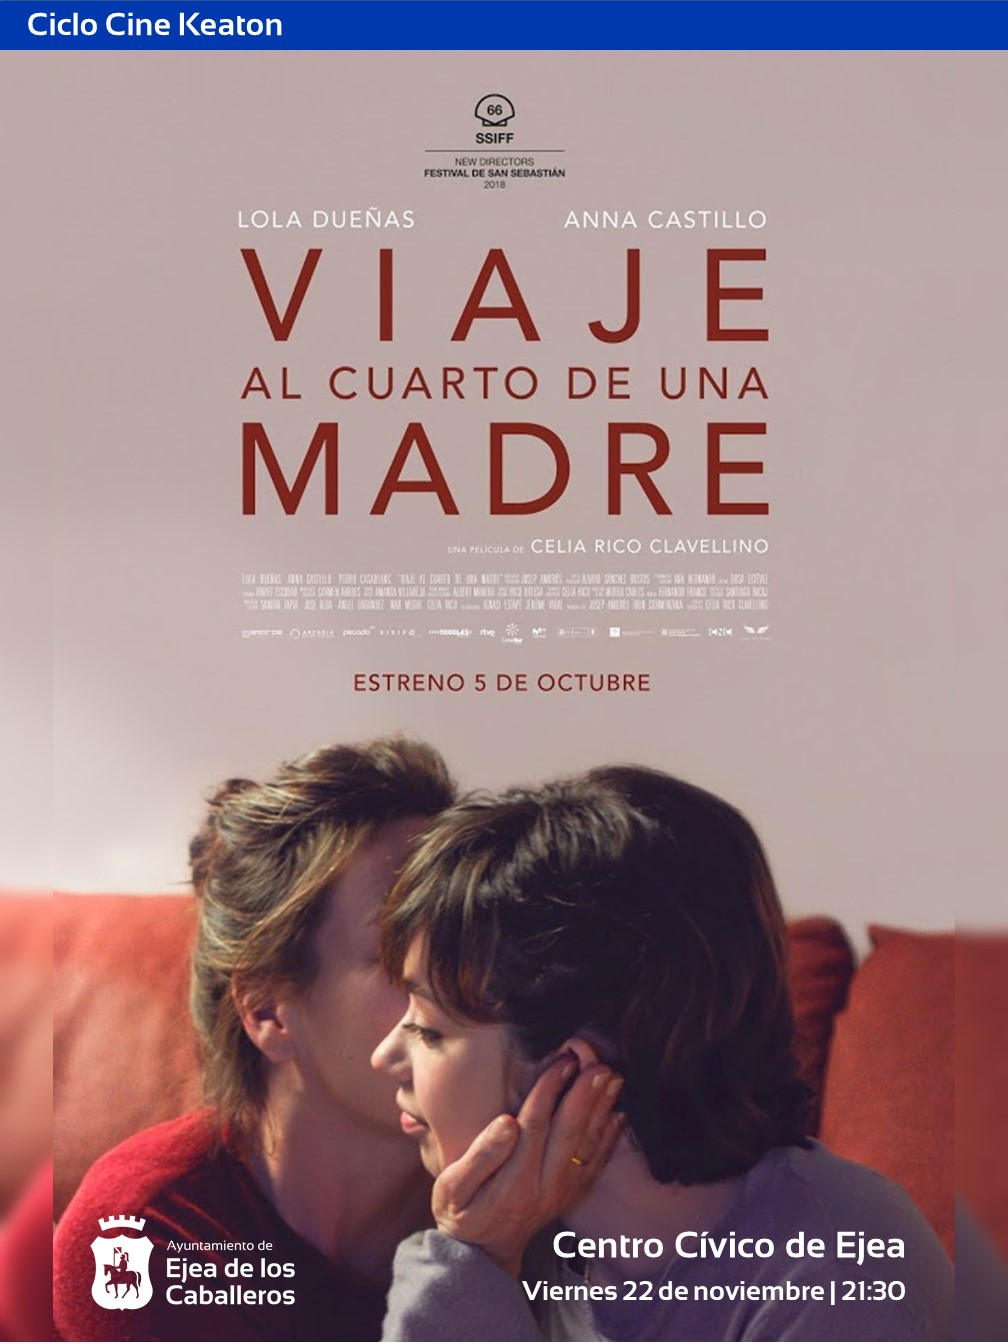 """Ciclo de cine Keaton: """"VIAJE AL CUARTO DE UNA MADRE"""", un delicado retrato del amor maternofilial"""